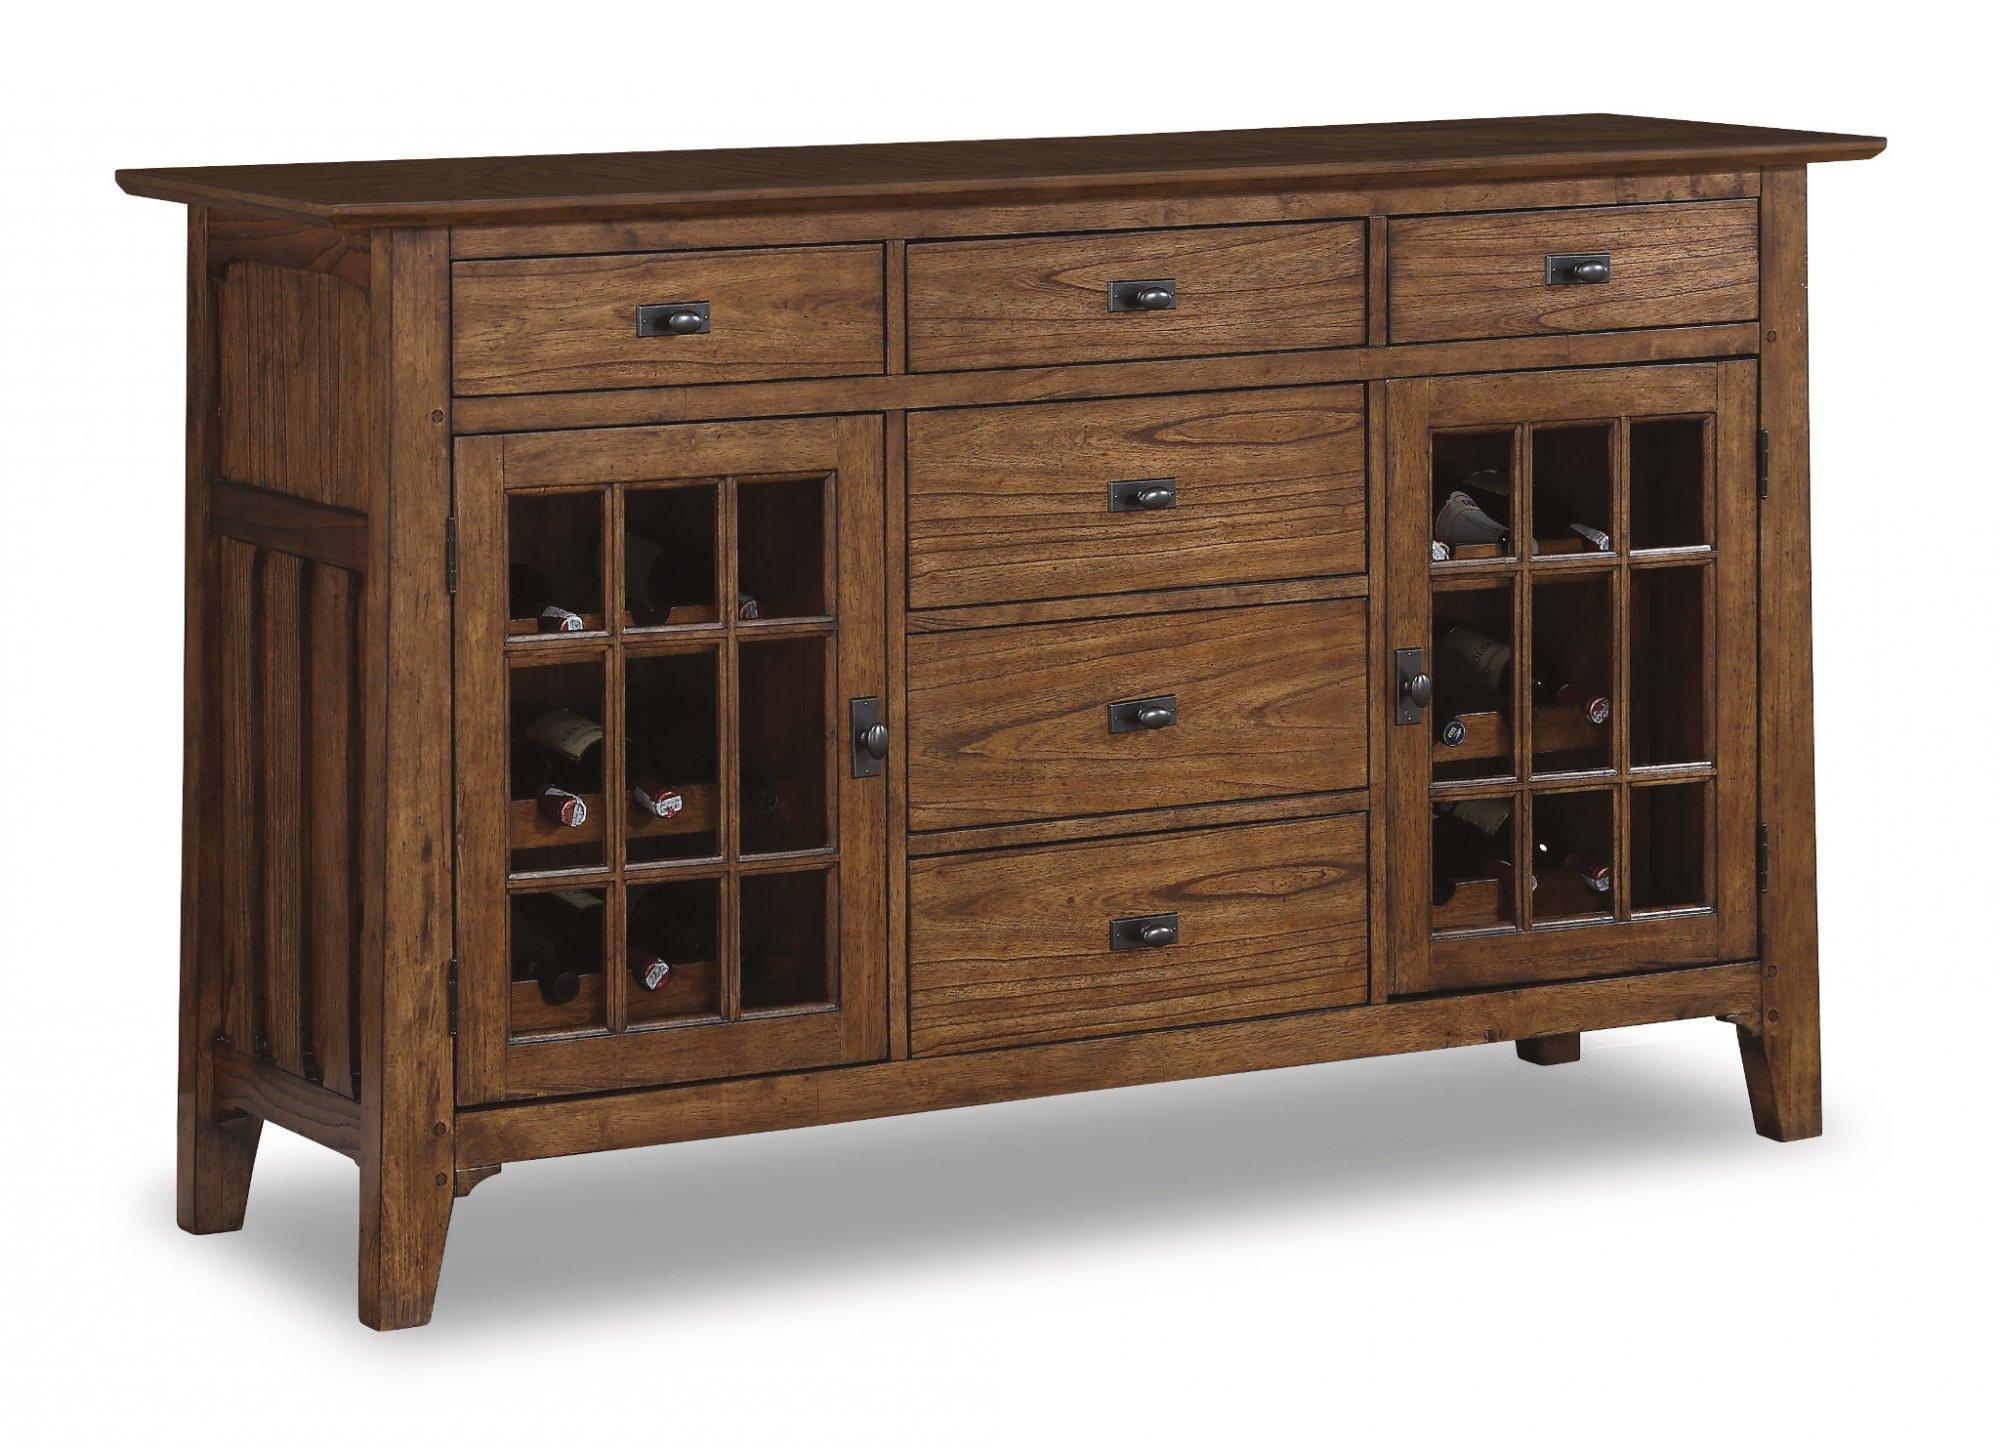 Model: W1134-826 | Flexsteel Sonora  Buffet